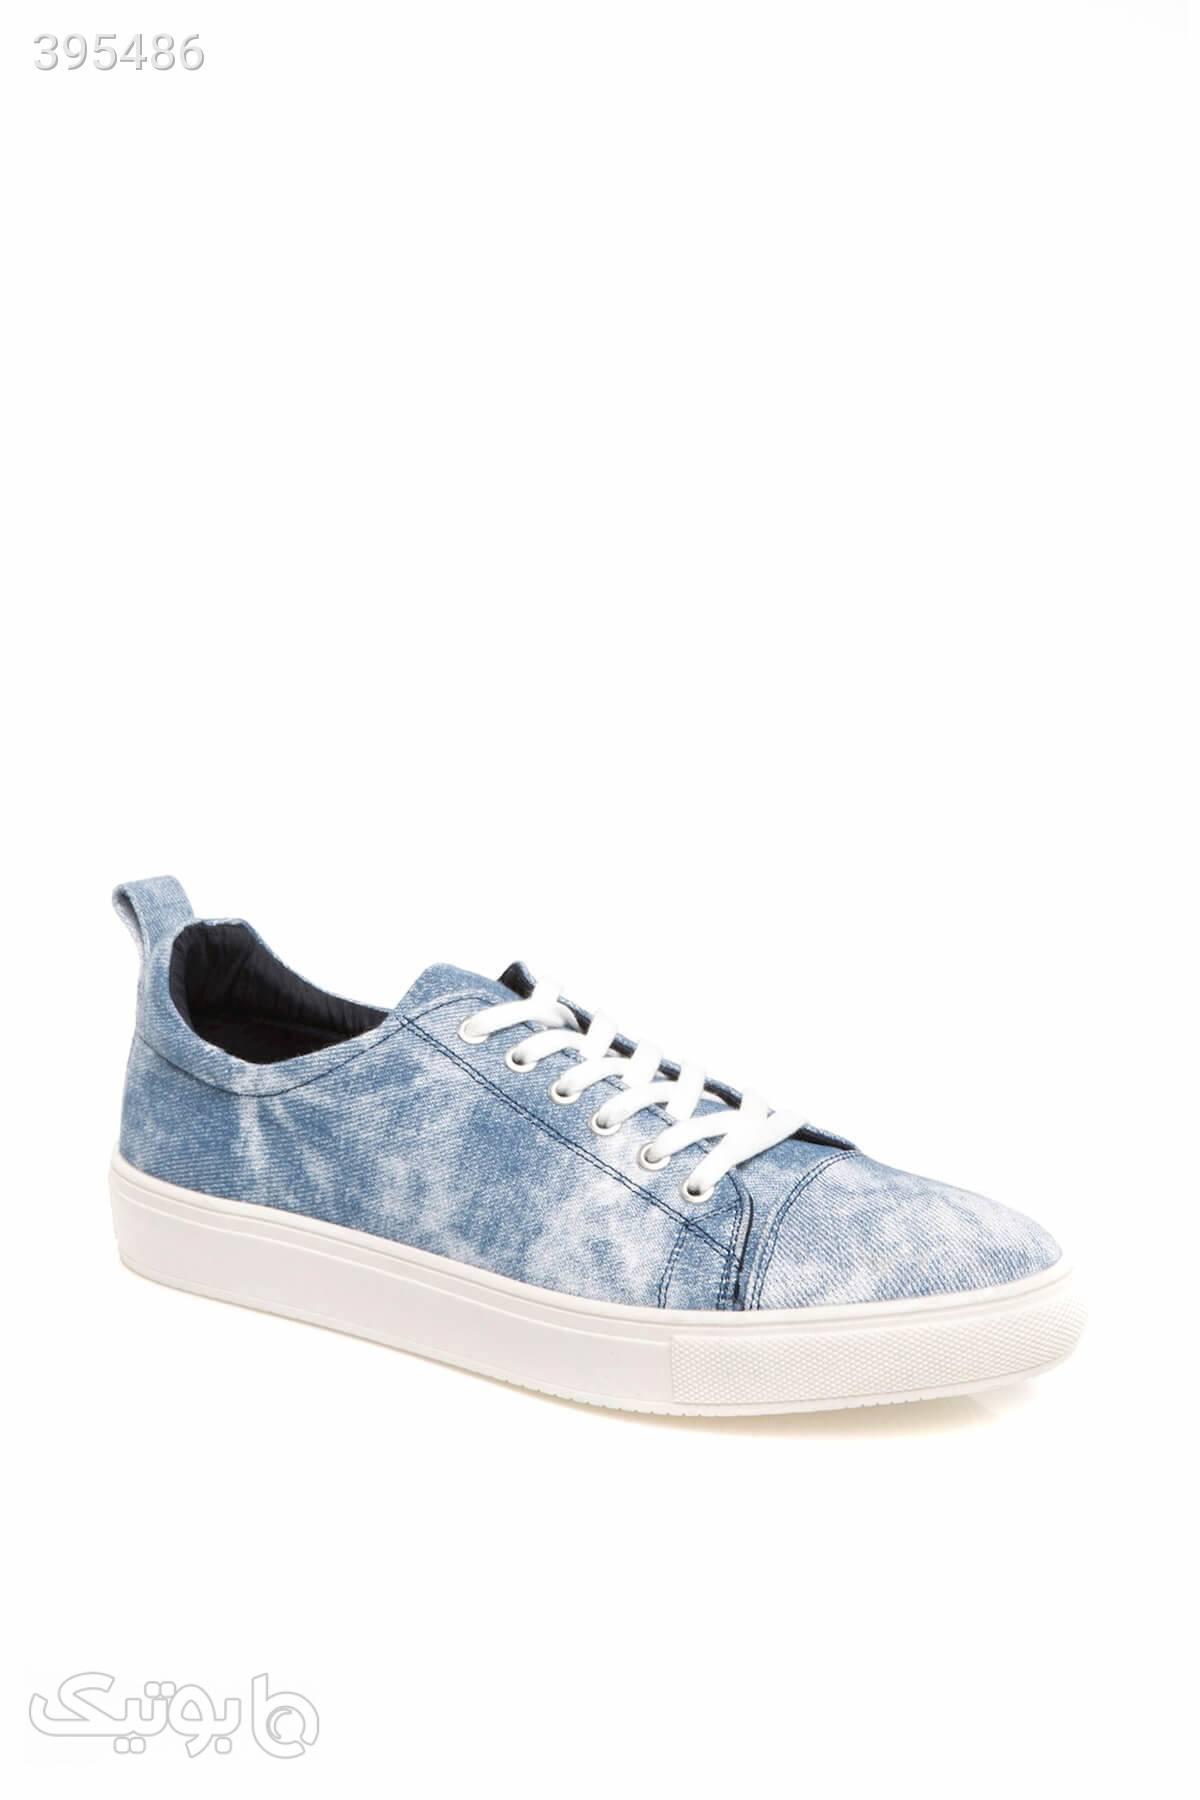 کفش پیاده روی اسپرت بند دار مردانه برند Defacto کد 158992496 آبی كتانی مردانه